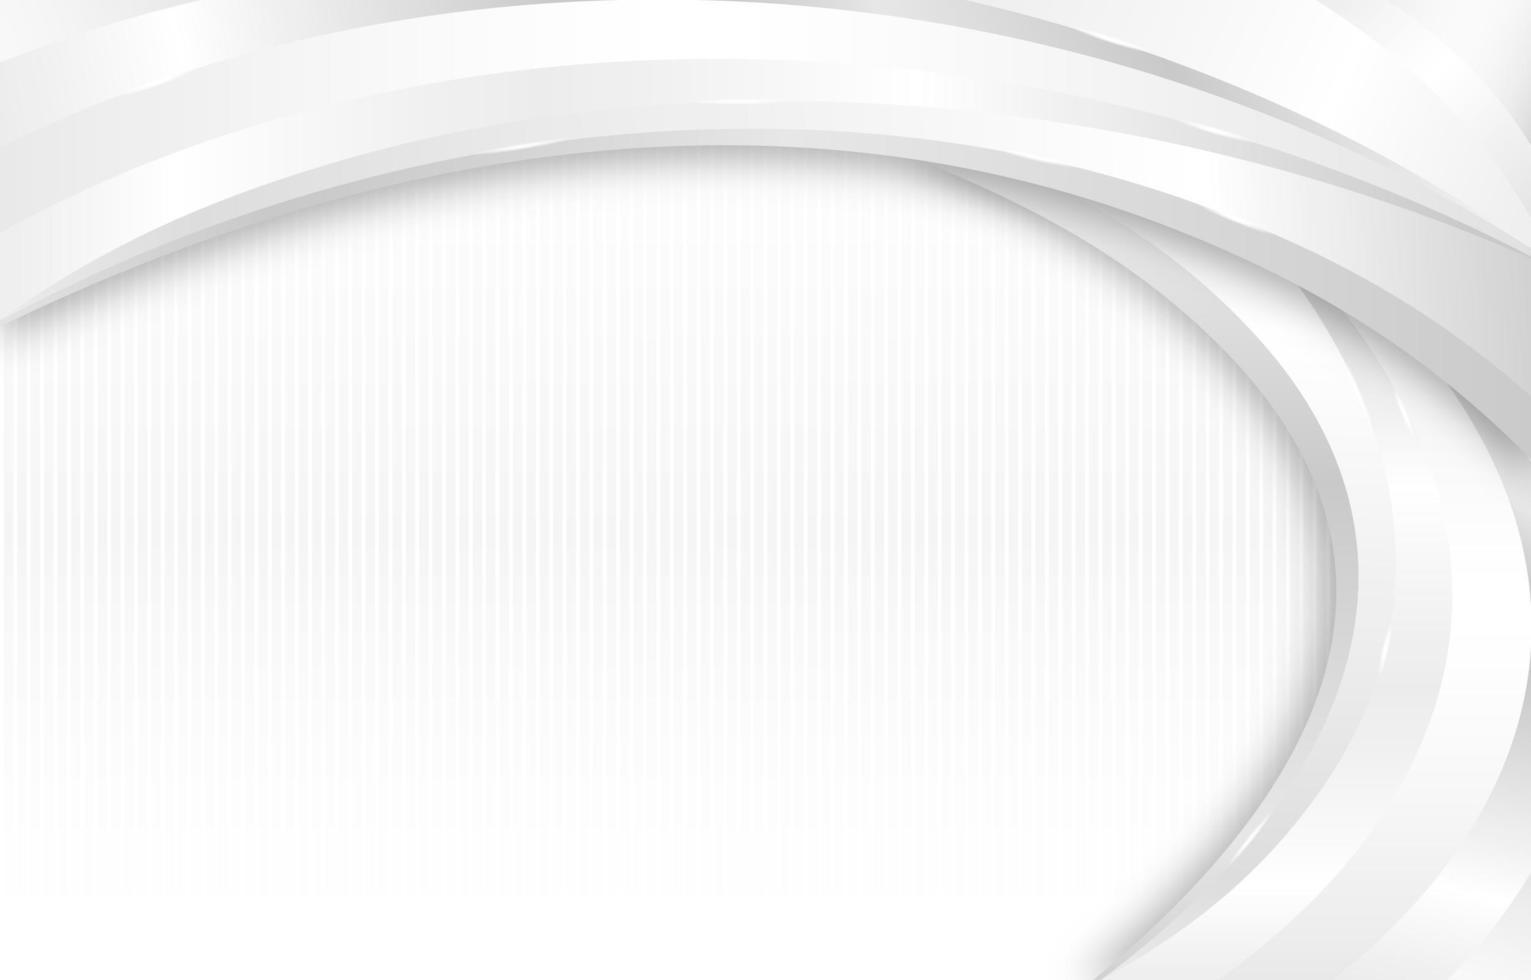 weißer glatter Kurvenhintergrund vektor